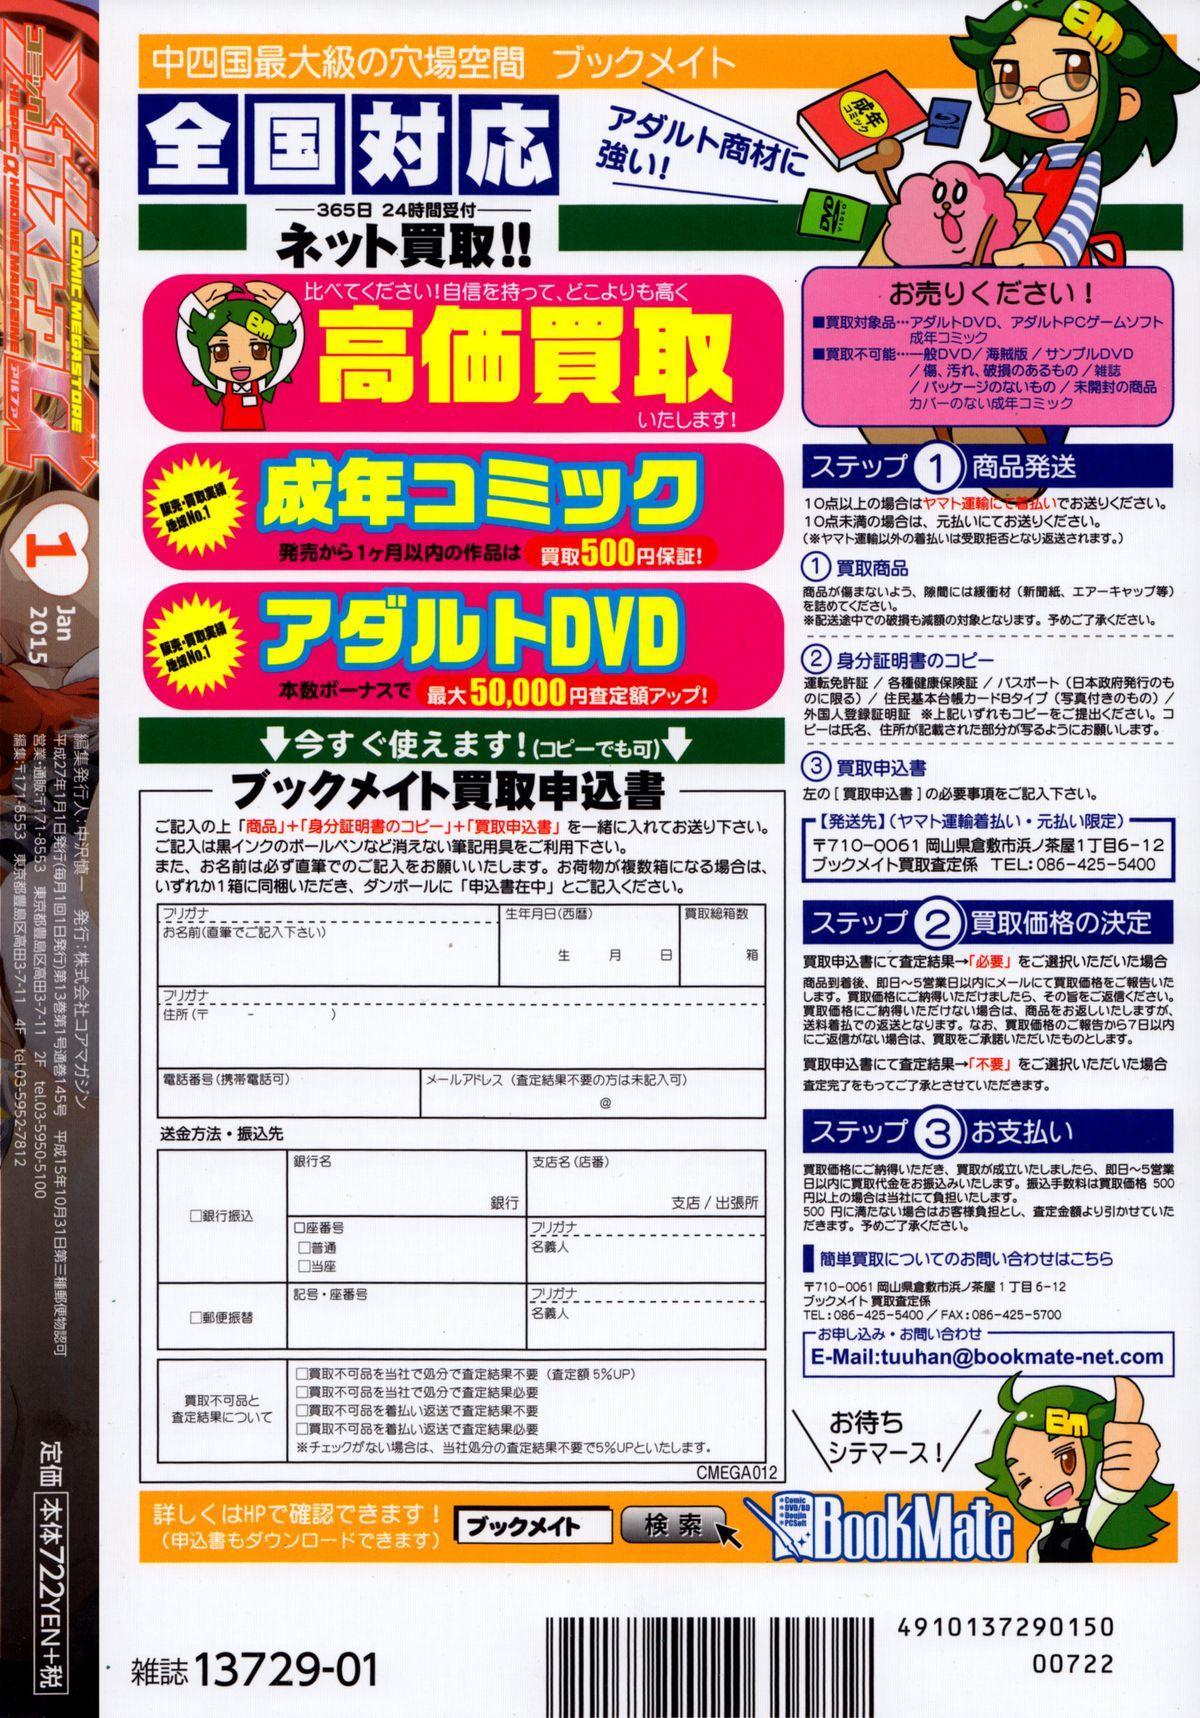 COMIC Megastore Alpha 2015-01 549